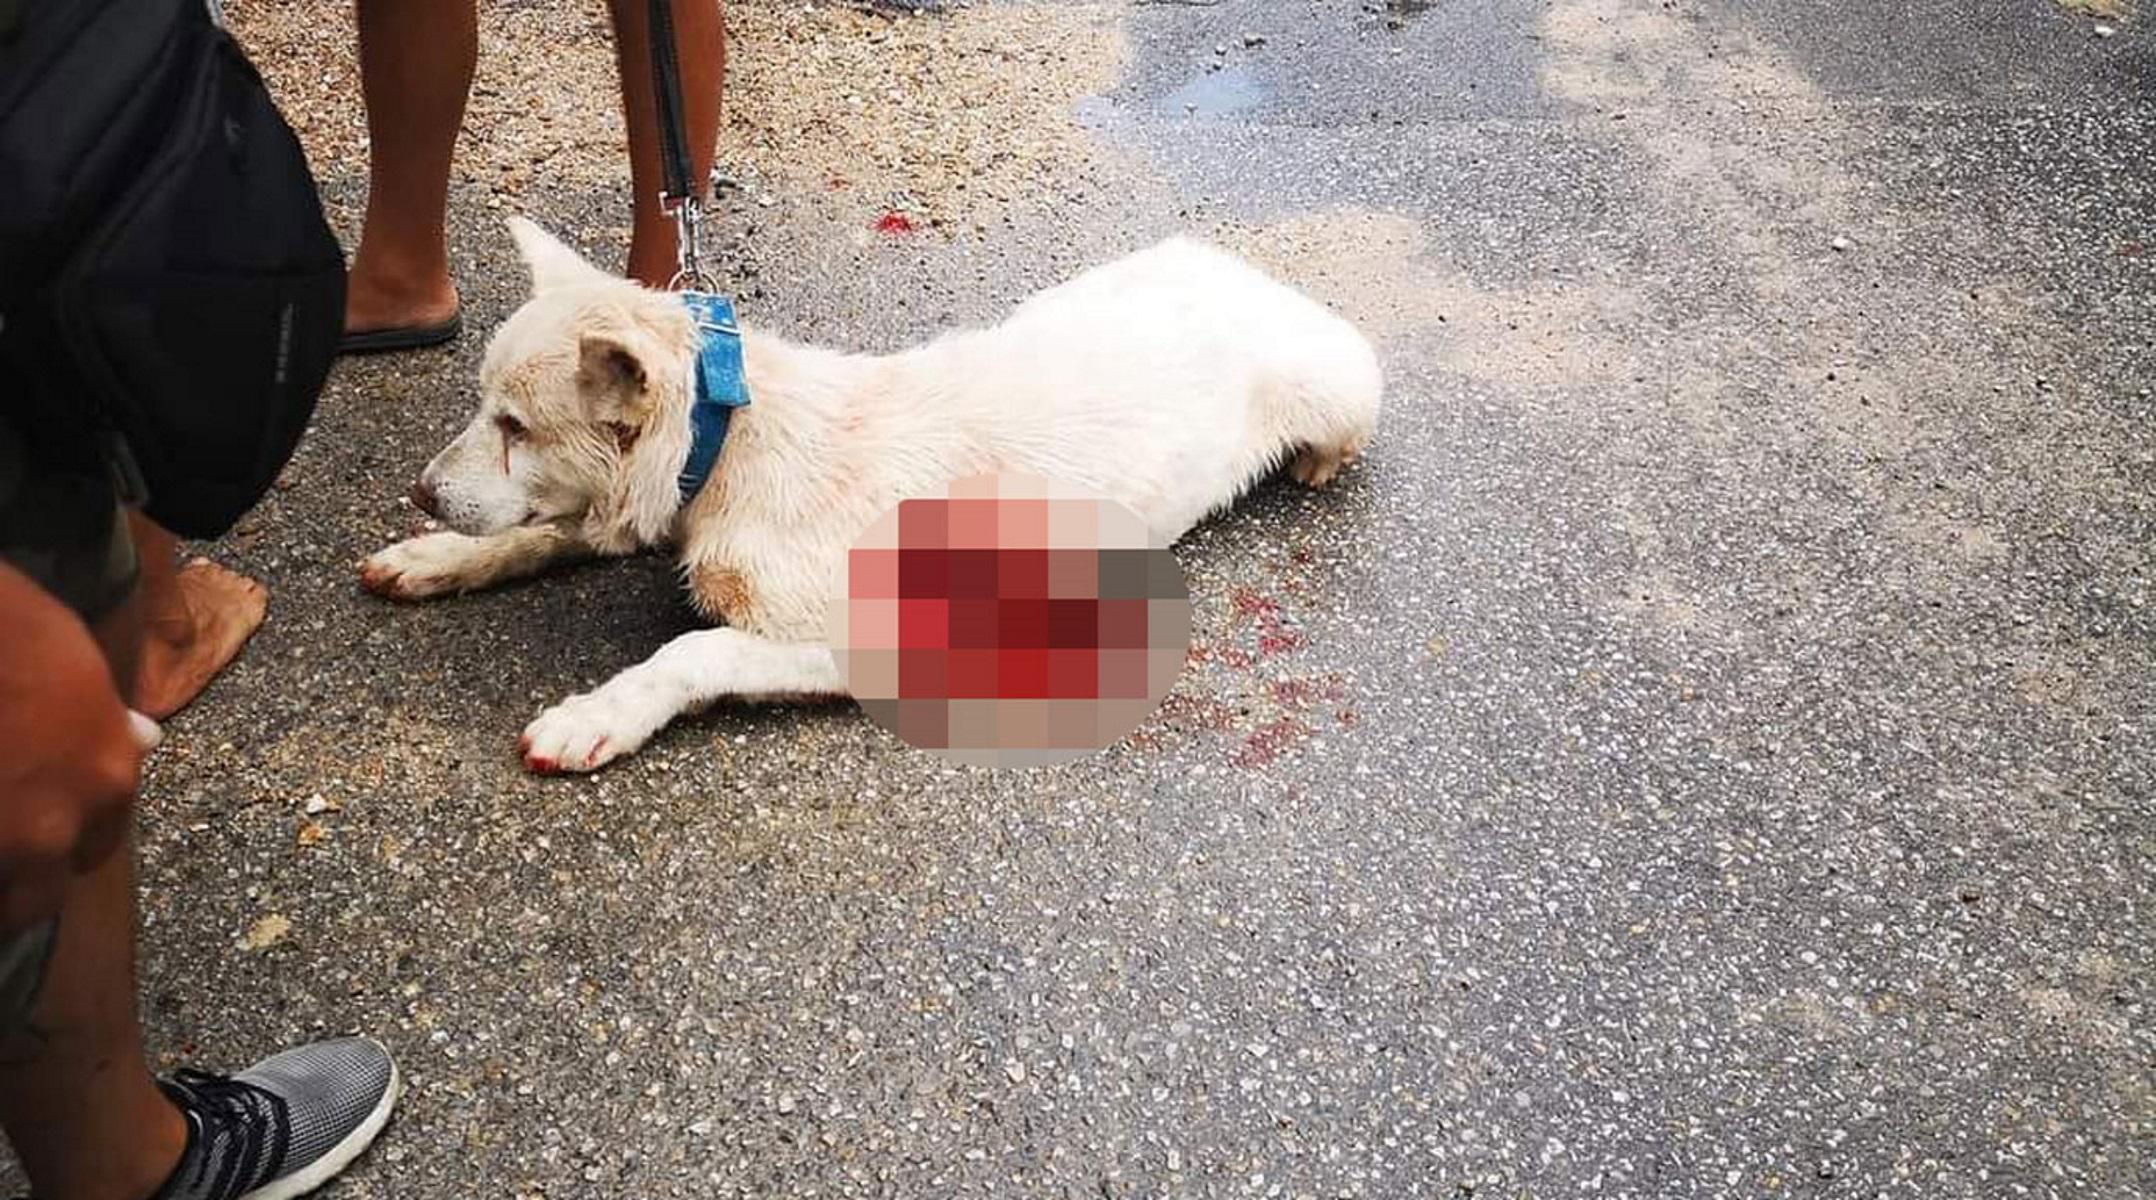 Τα κατάφερε ο Έκτορας! Ο σκύλος που μαχαιρώθηκε στη Νίκαια επιστρέφει στον ιδιοκτήτη του